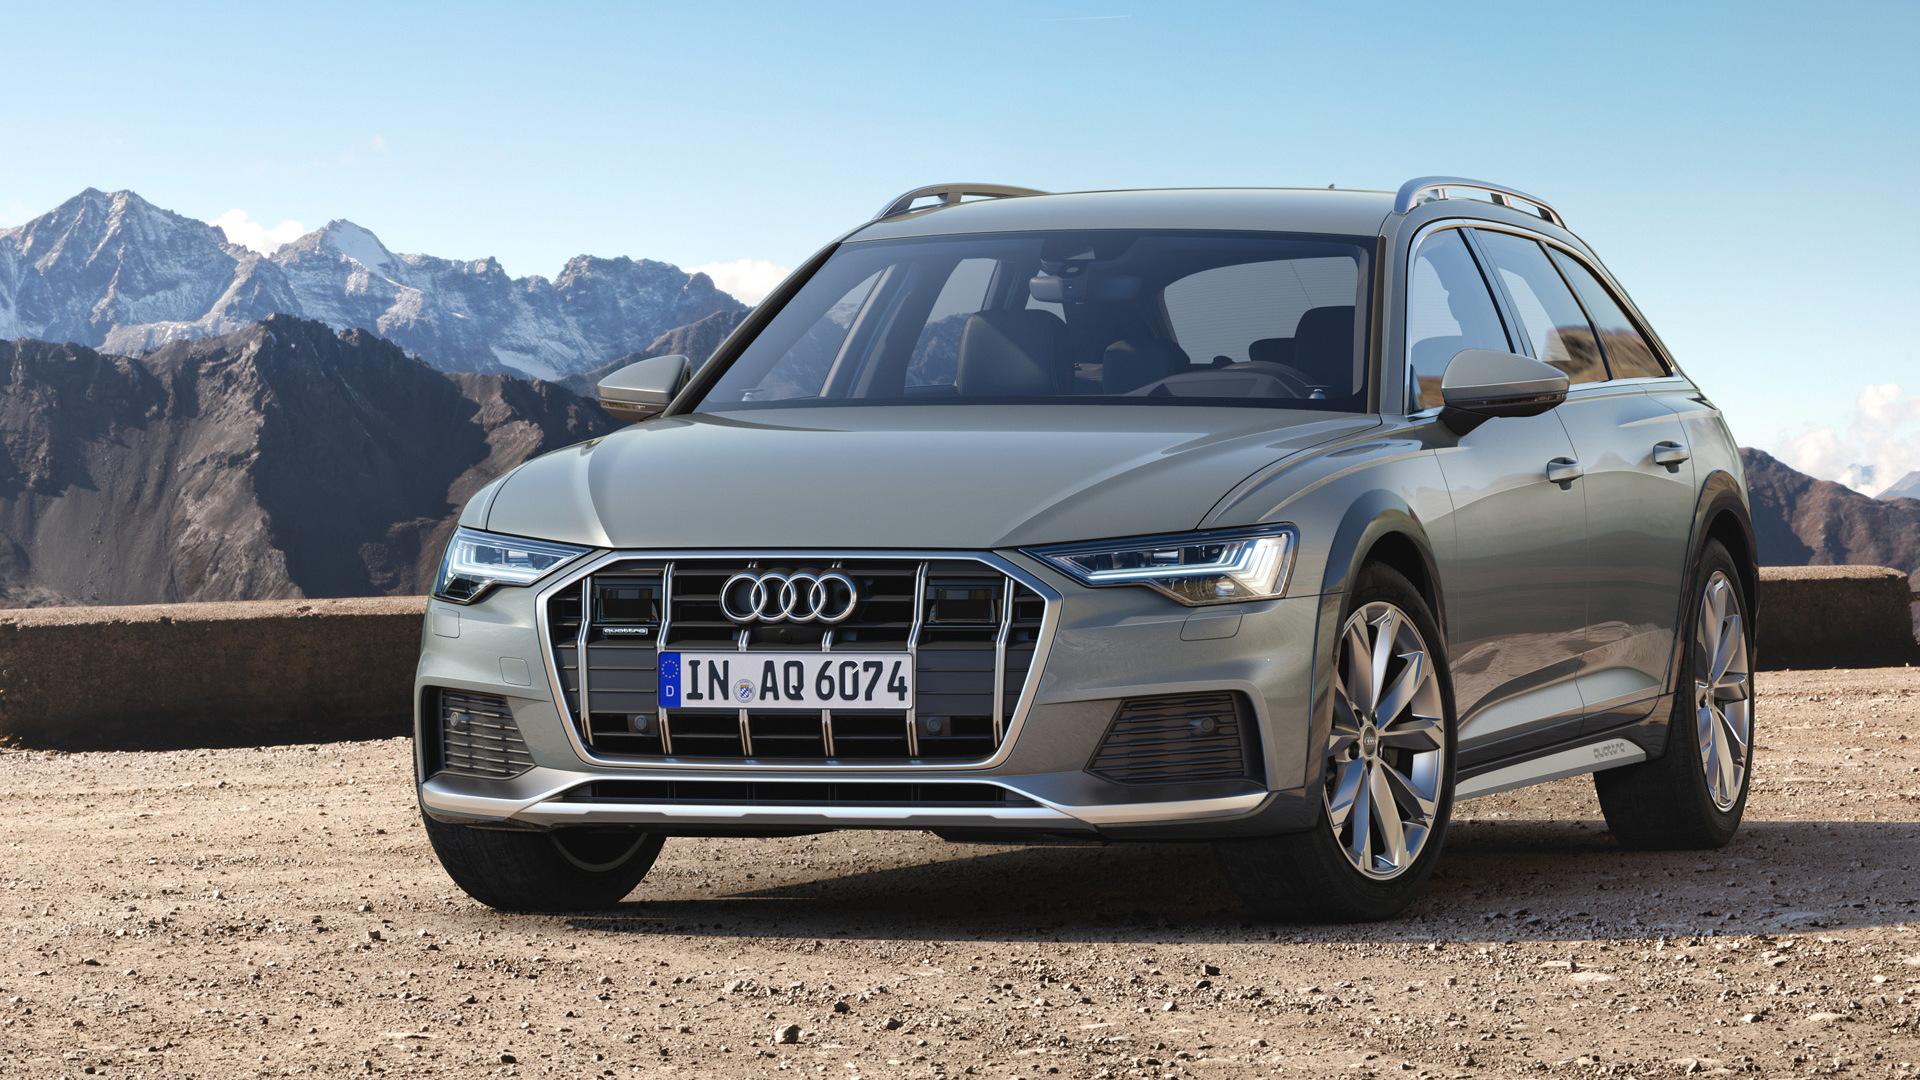 2019 Audi A6 Allroad